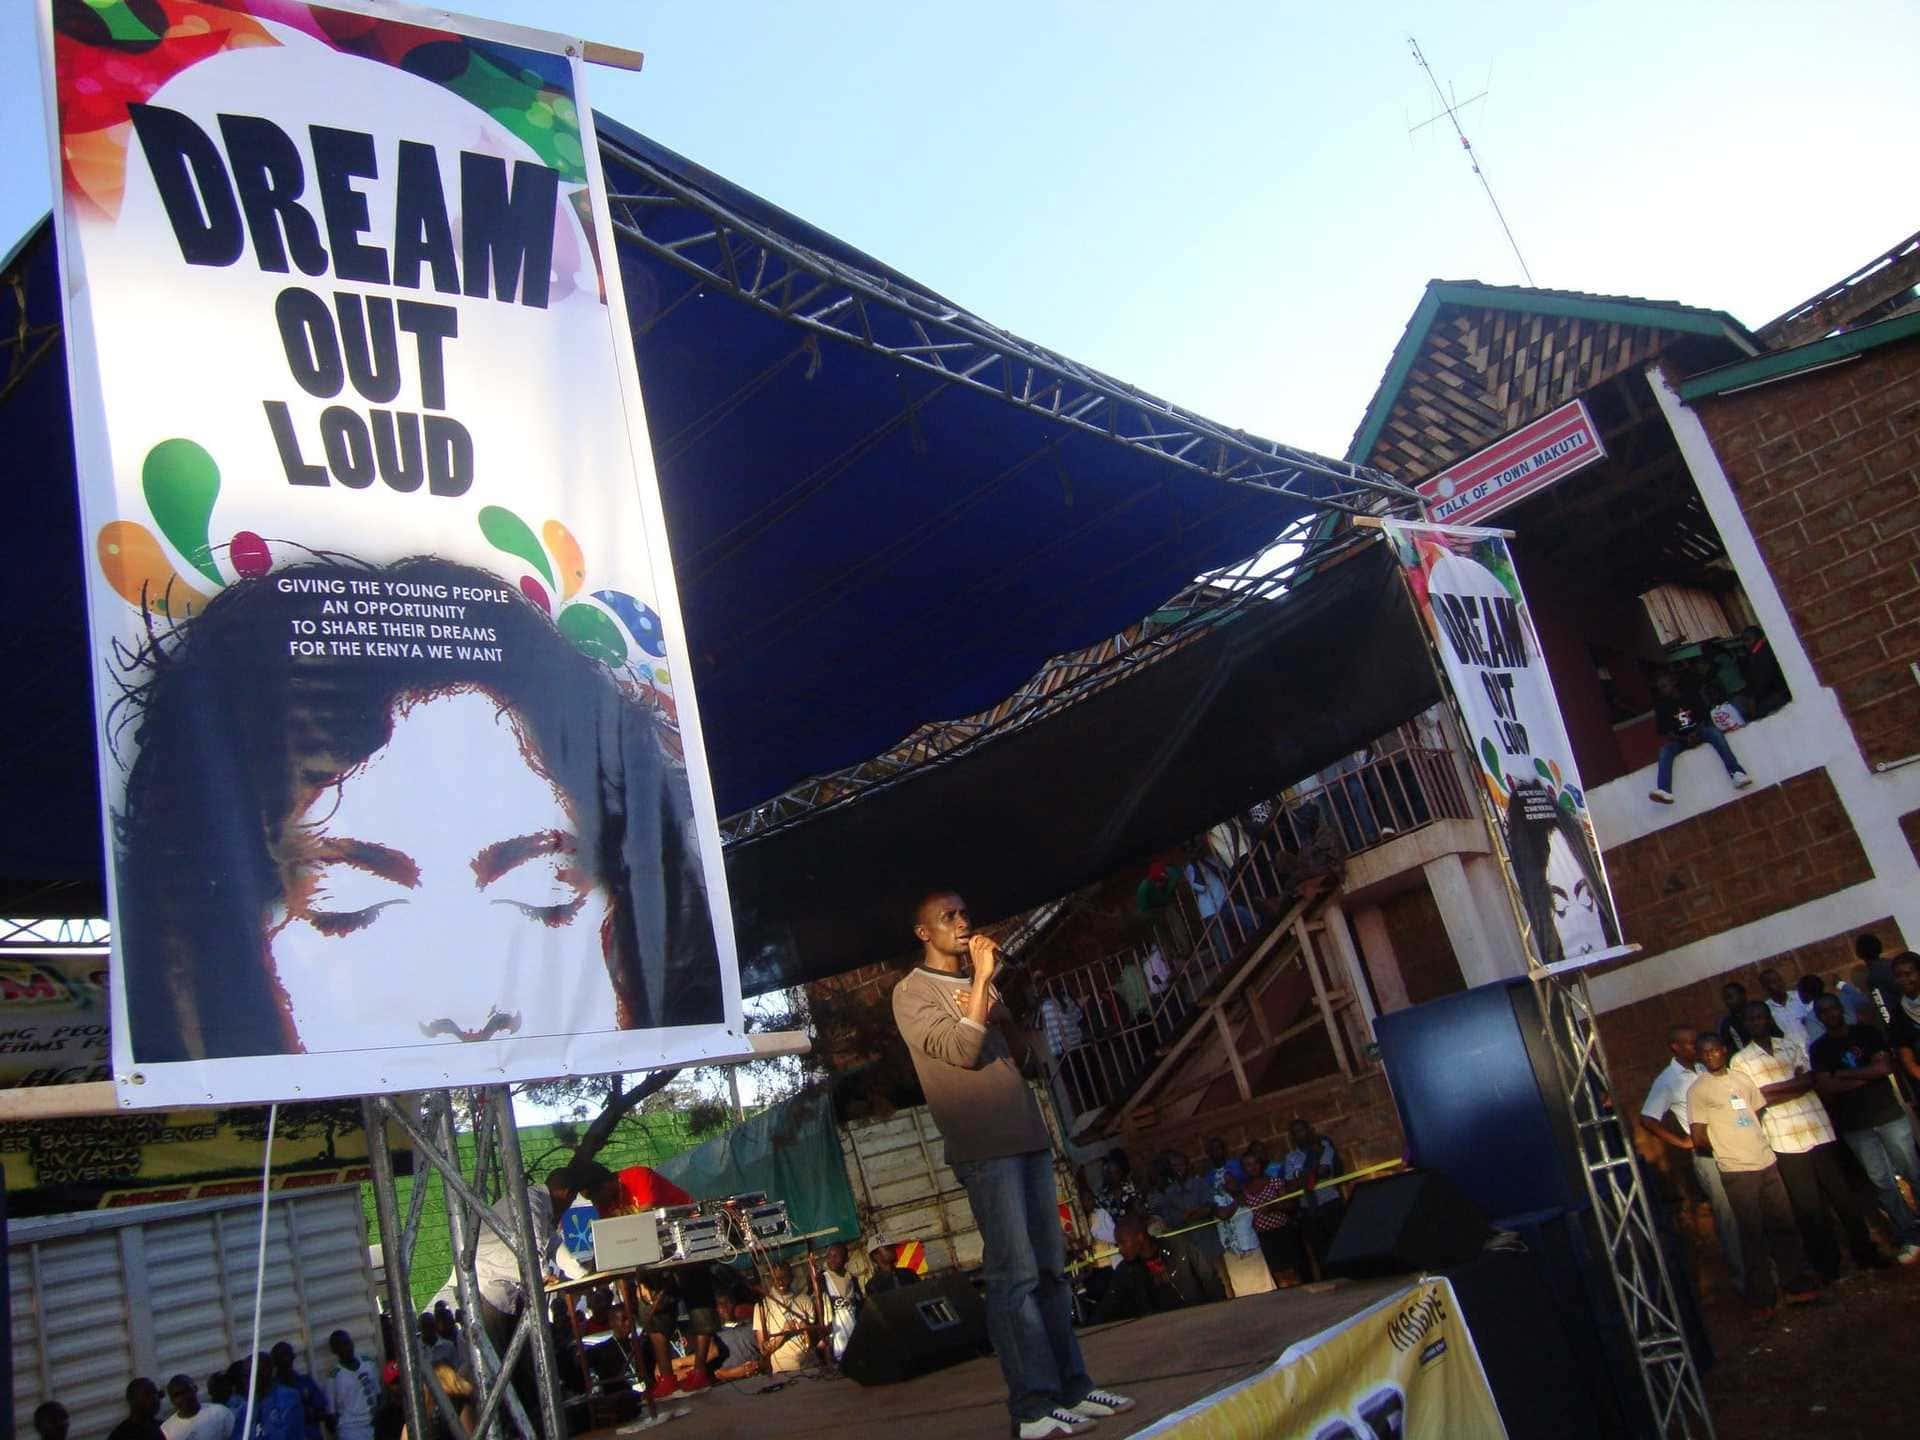 Die Bühne von imagine Kenia aus dem Jahr 2011. Auf dem Plakat ist das damalige Motto zu sehen: Dream out loud.